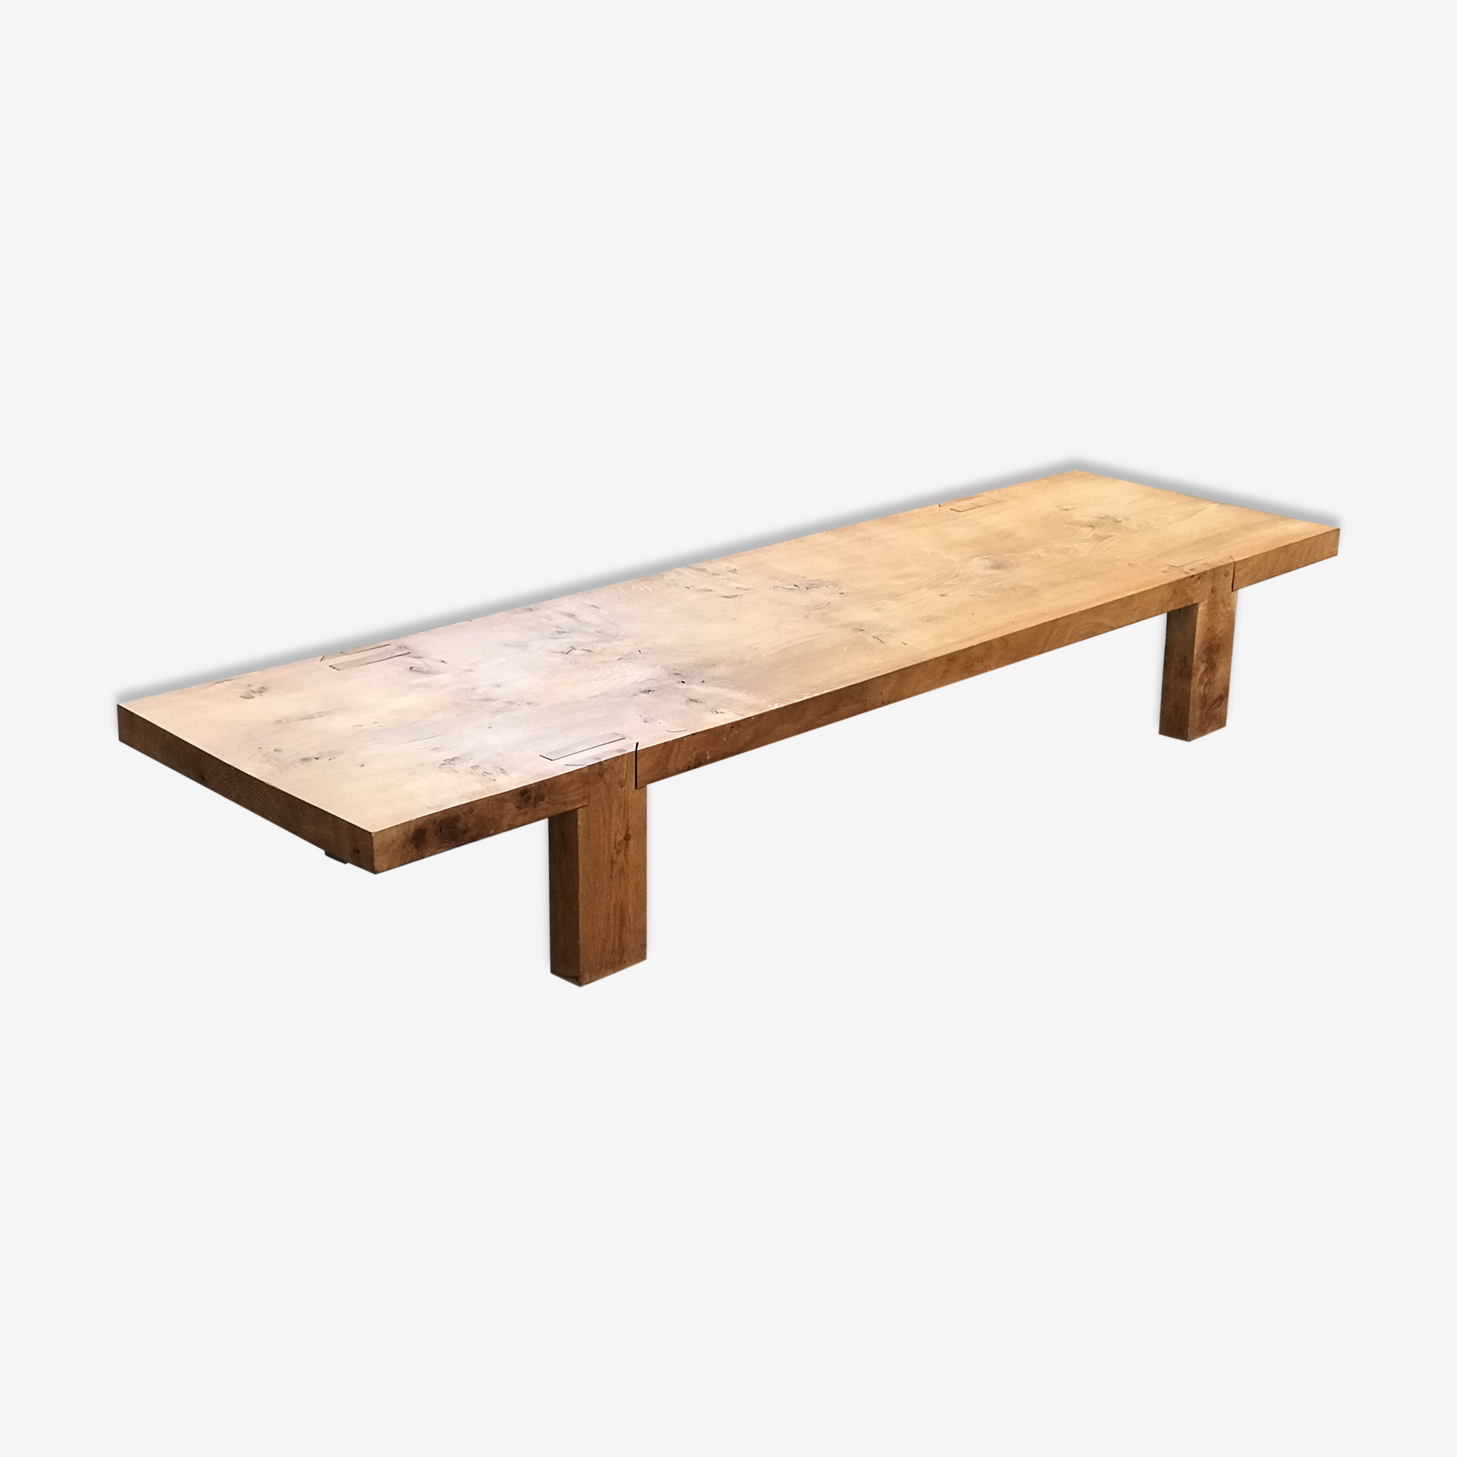 Table basse en chêne massif dessinée par Eugène Leseney